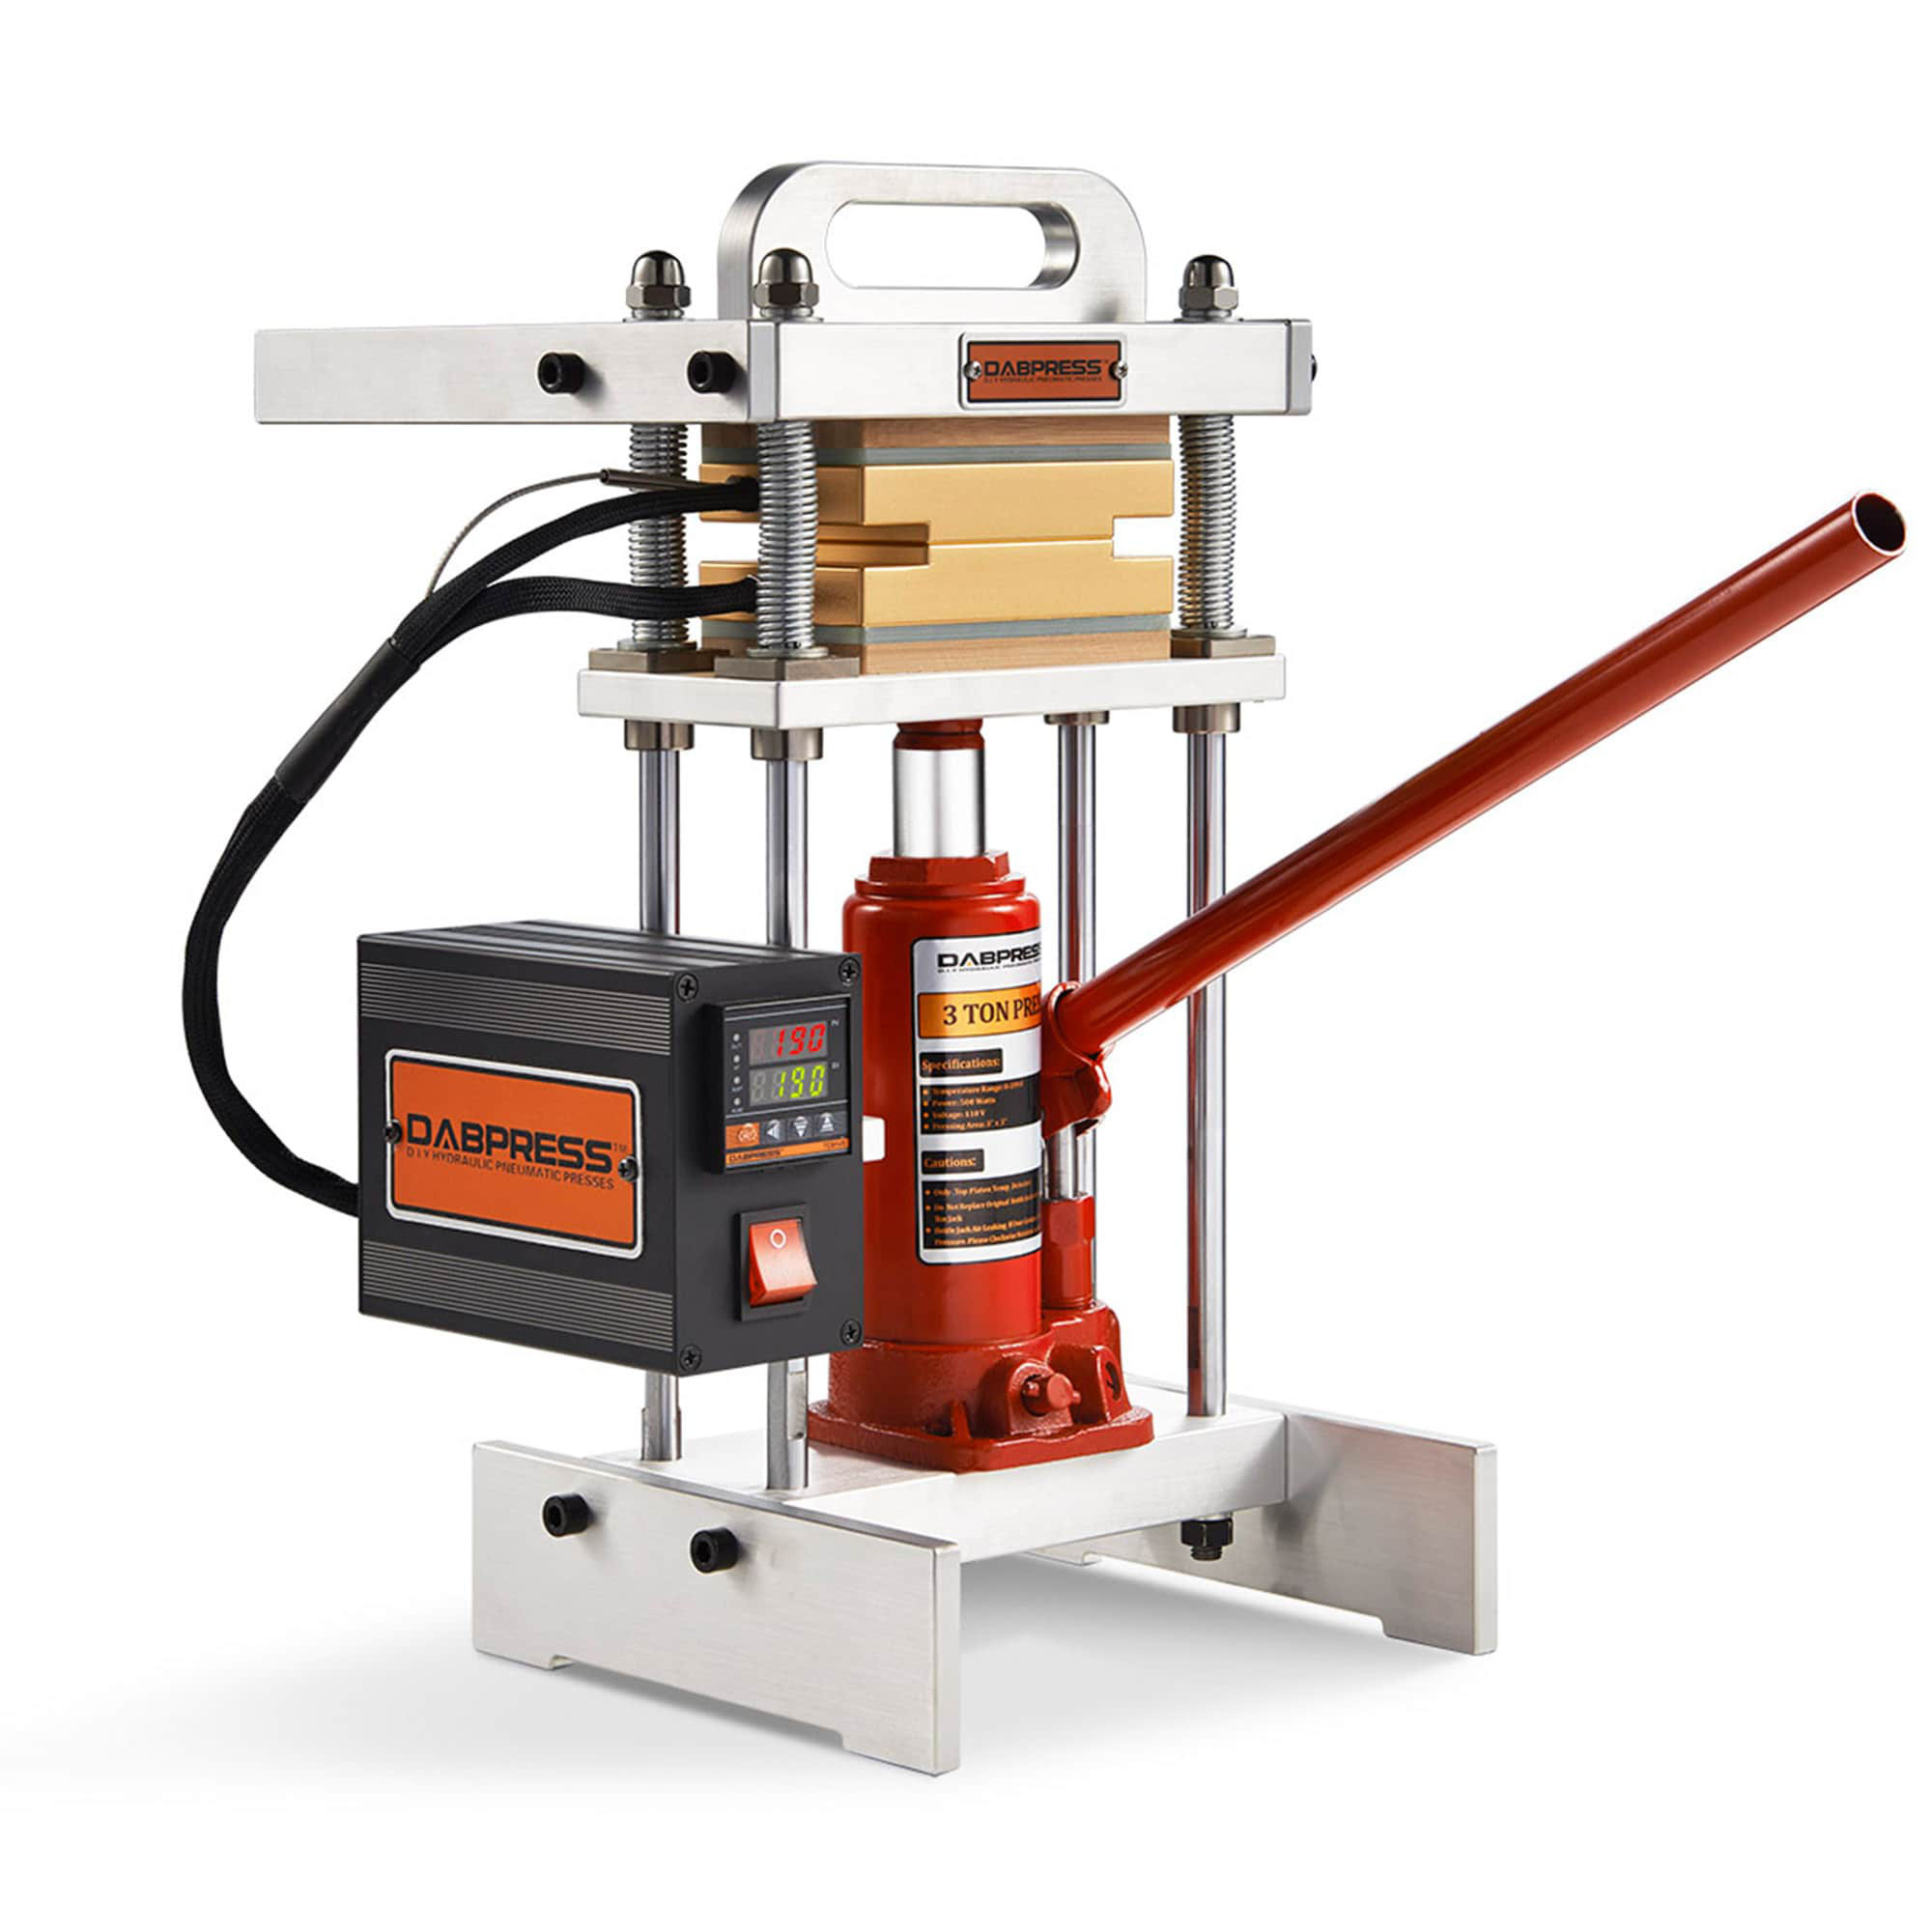 Dabpress Small Rosin Press dp-bj3t33 is the Best Cheap Rosin Press